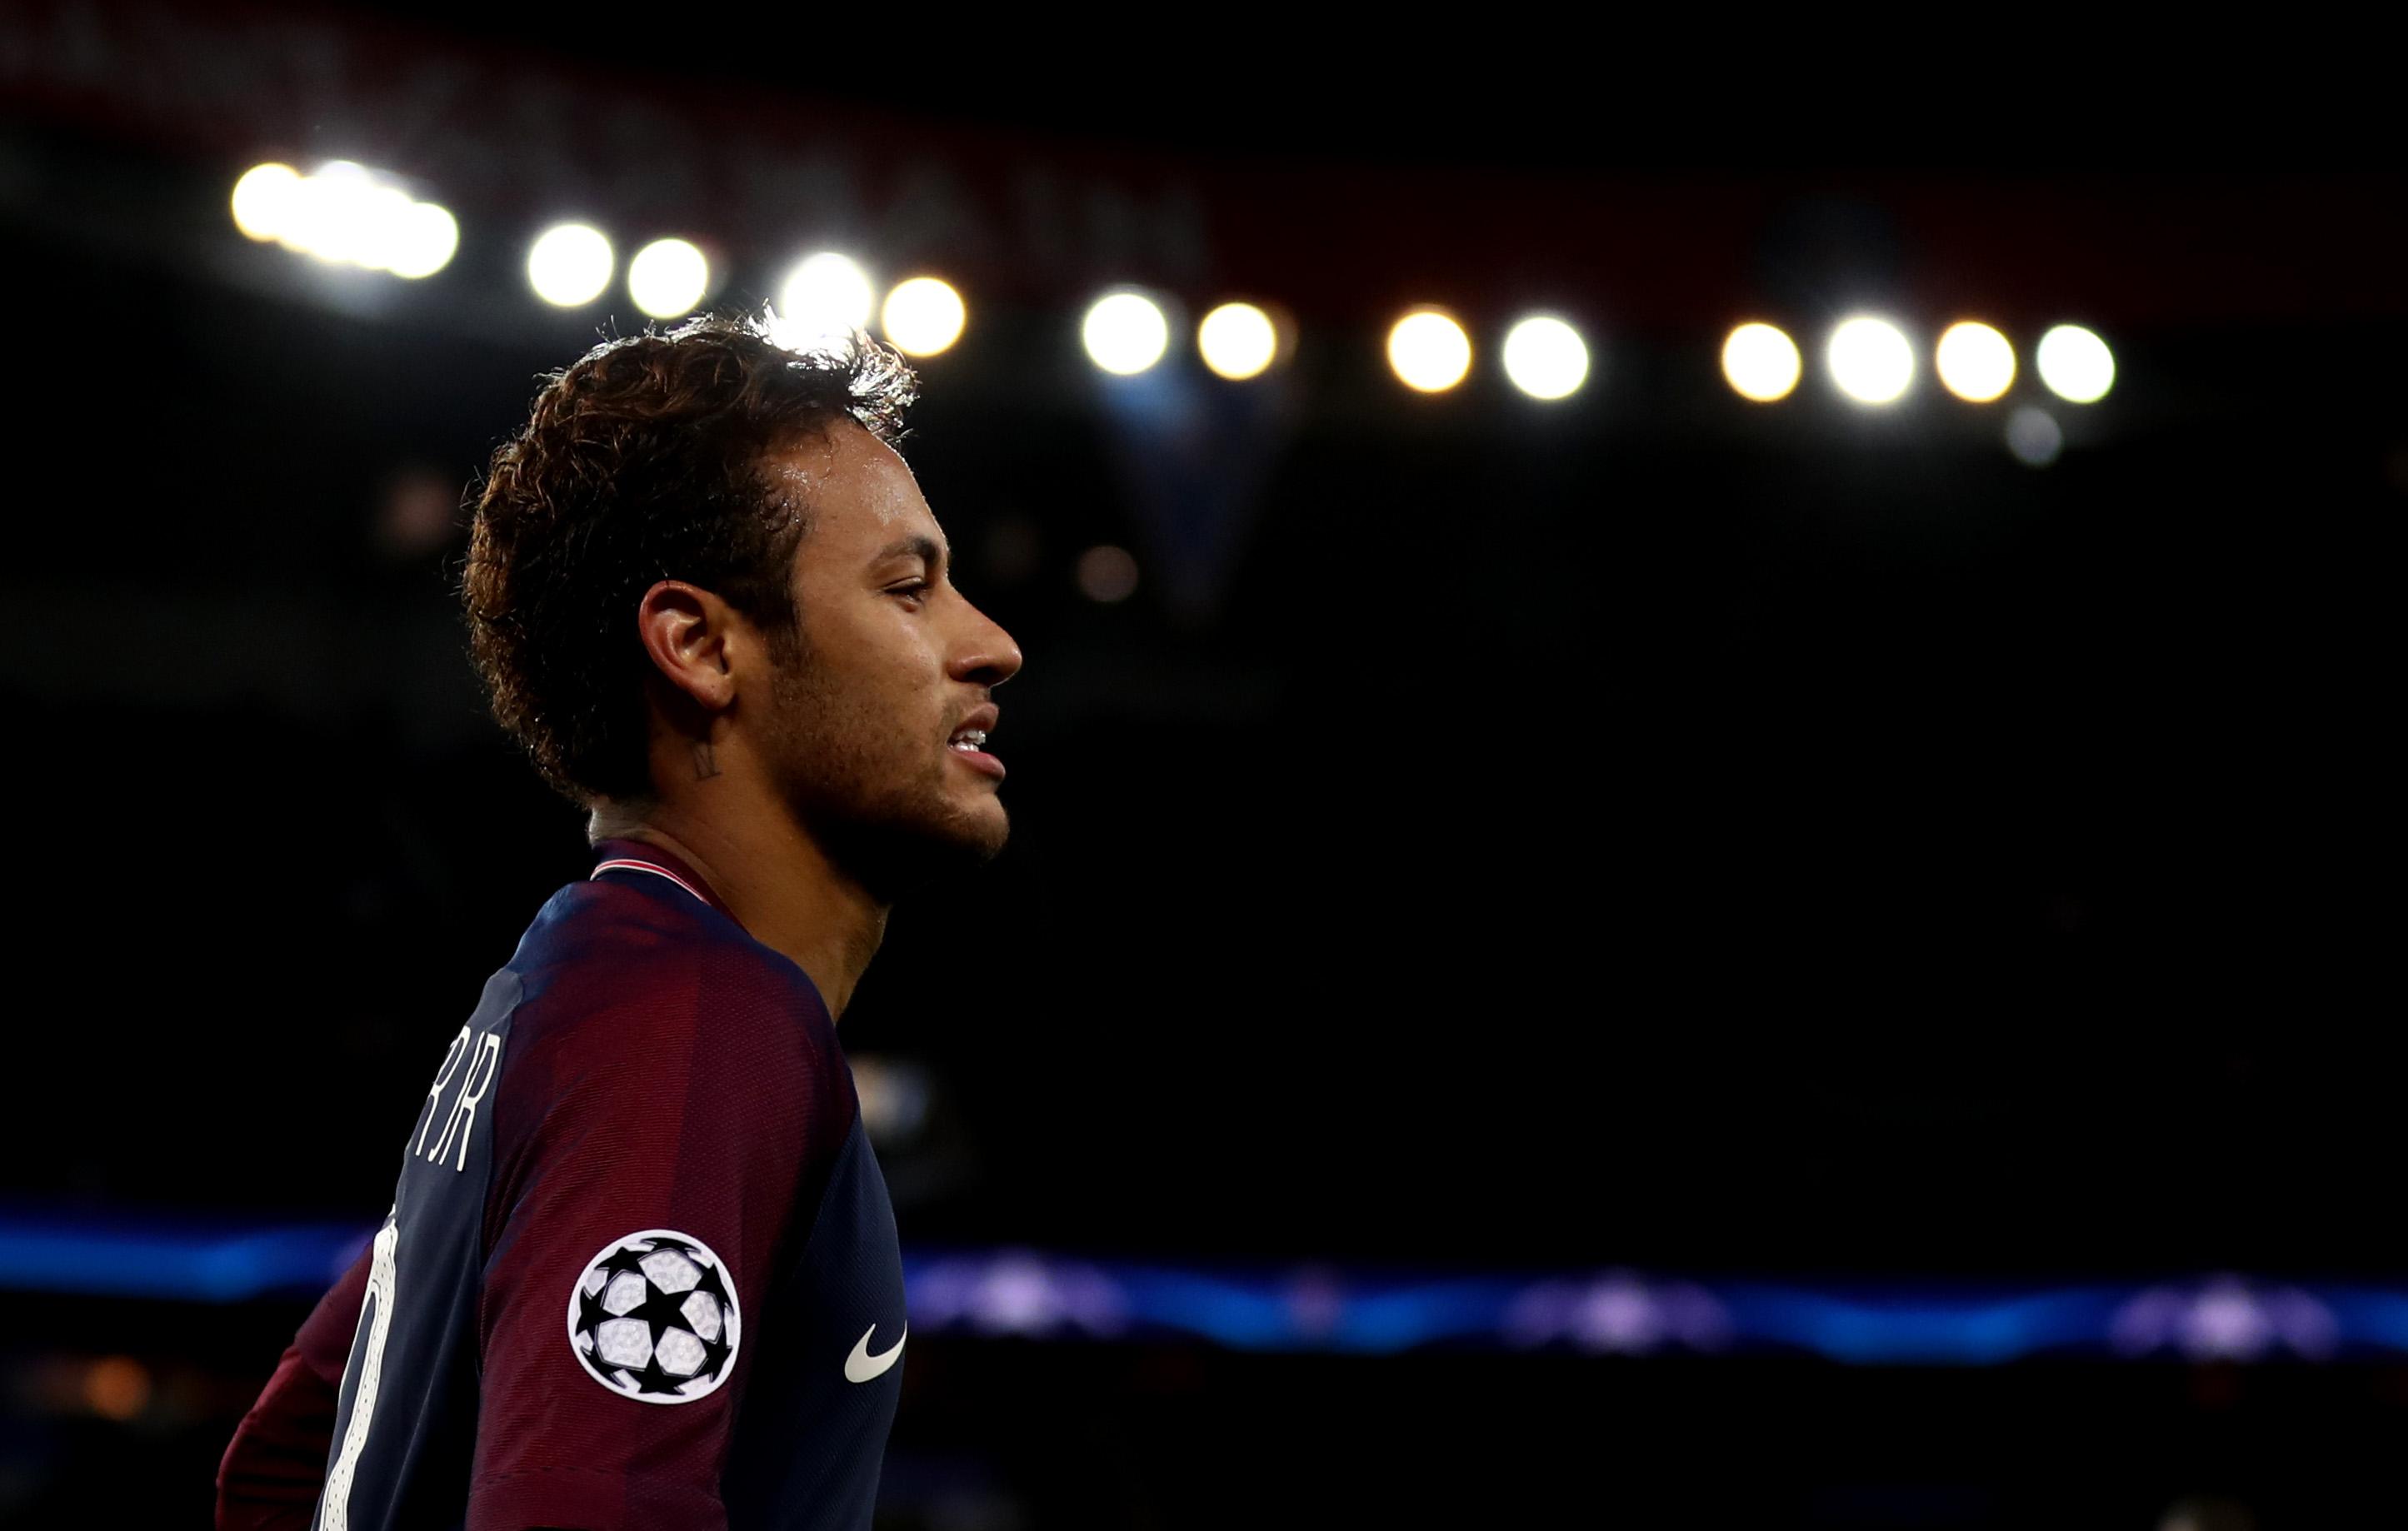 Neymar redes sociales publicaciones euros ganancias